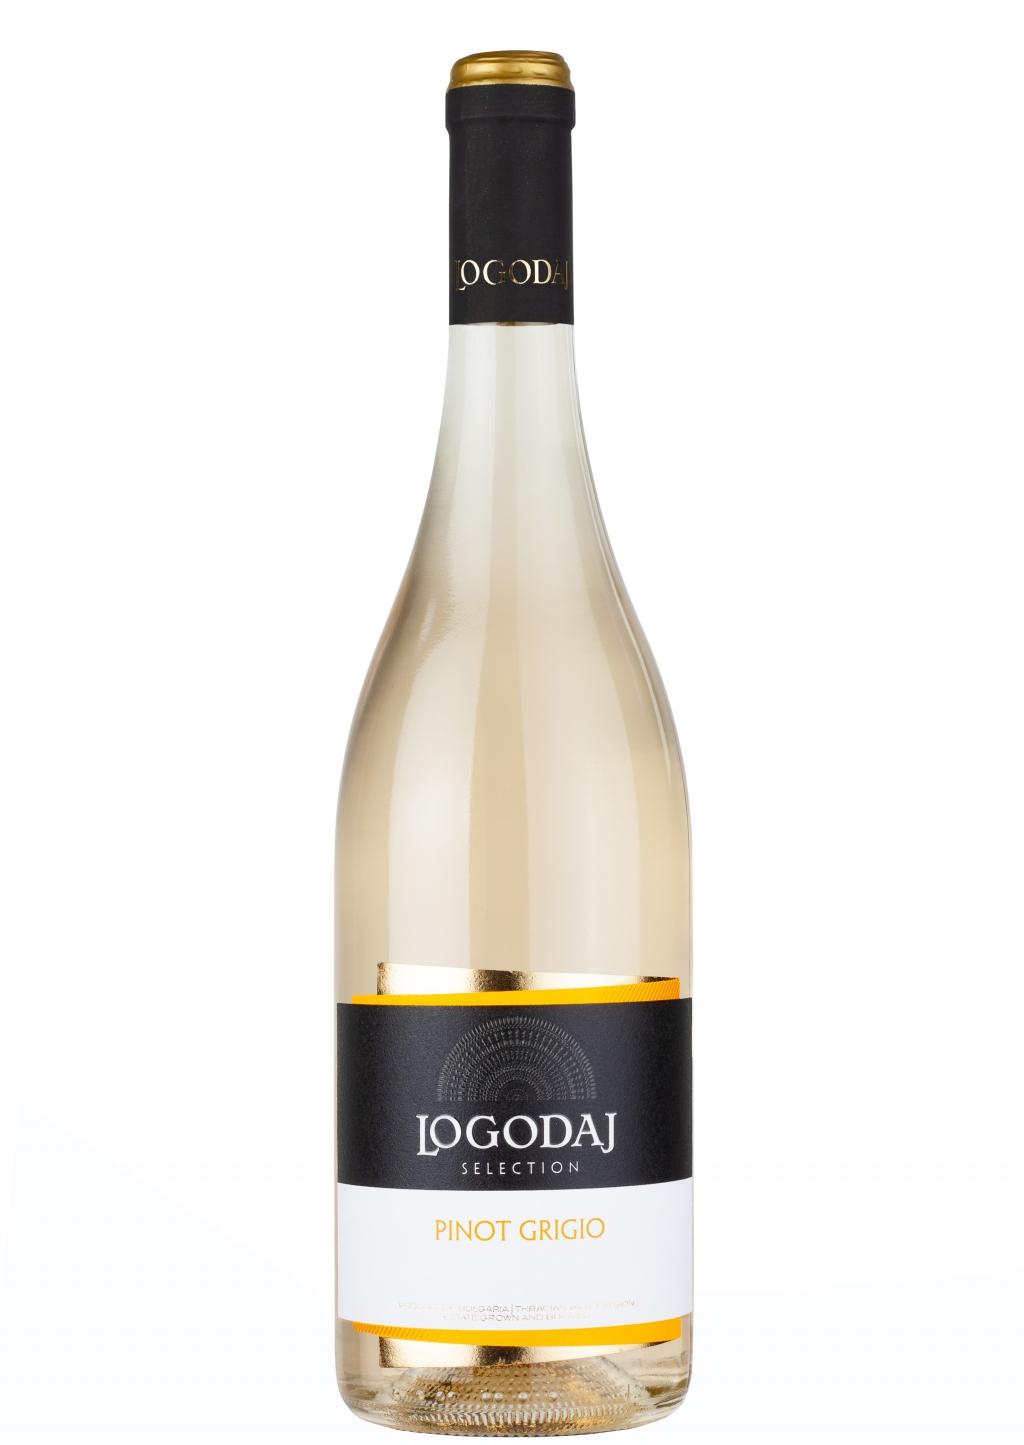 Бяло Вино Логодаж Селекшън Пино Гриджо 0.75 л /Промоцията е за мин. 3 бр/